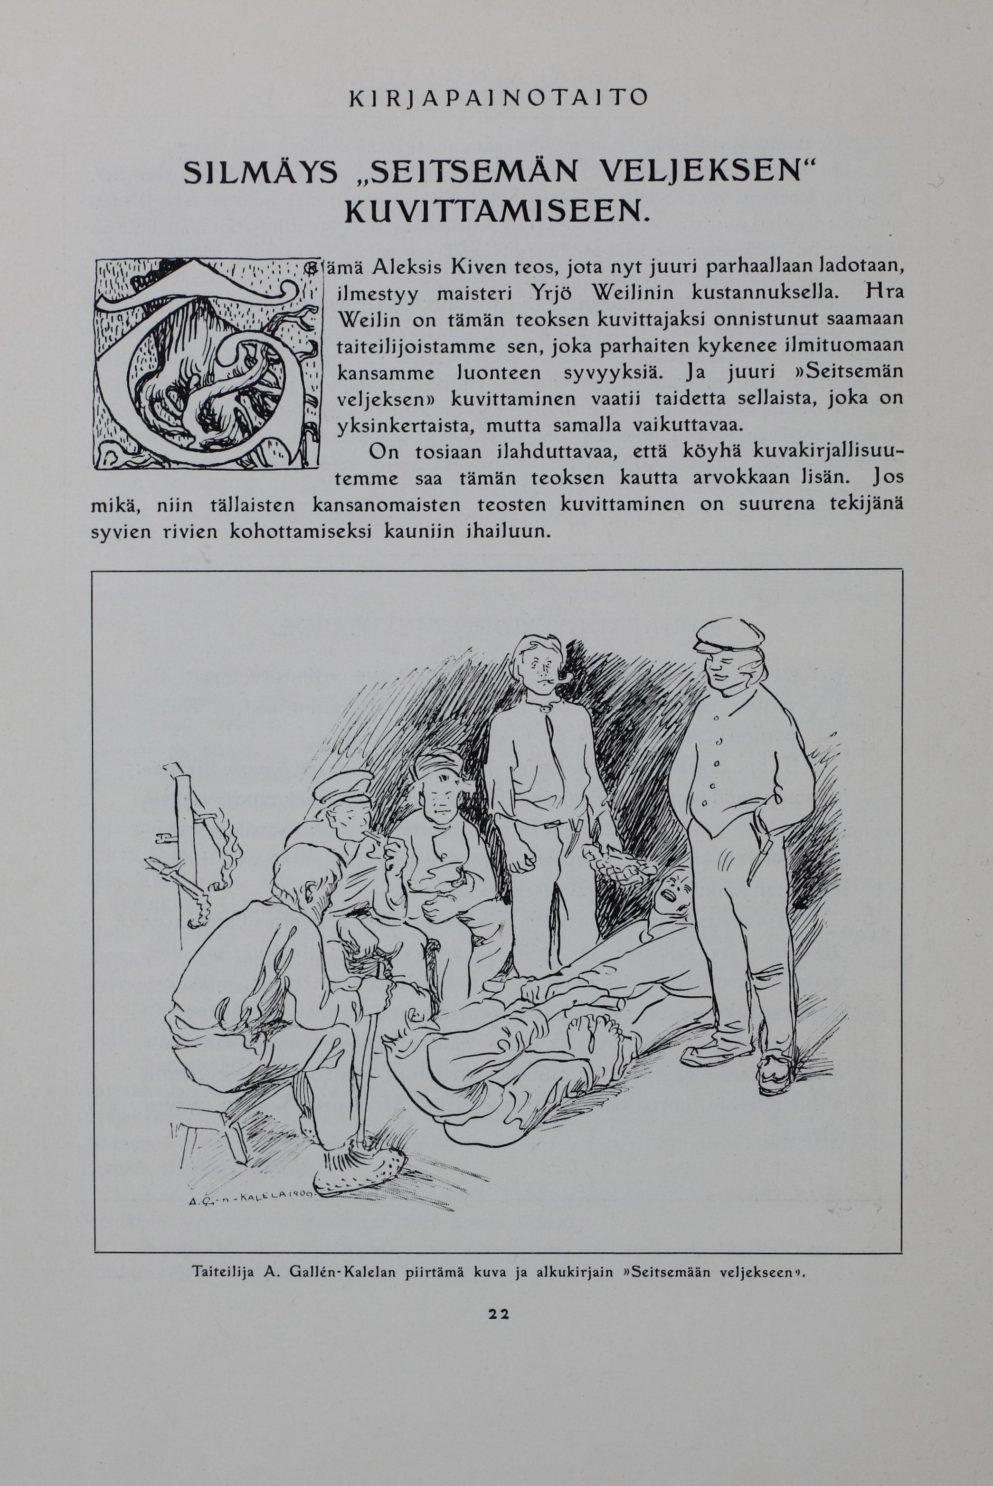 Gallen-Kallelan Seitsemän veljeksen kuvitusta ylistettiin jo ennen kirjan julkaisua.